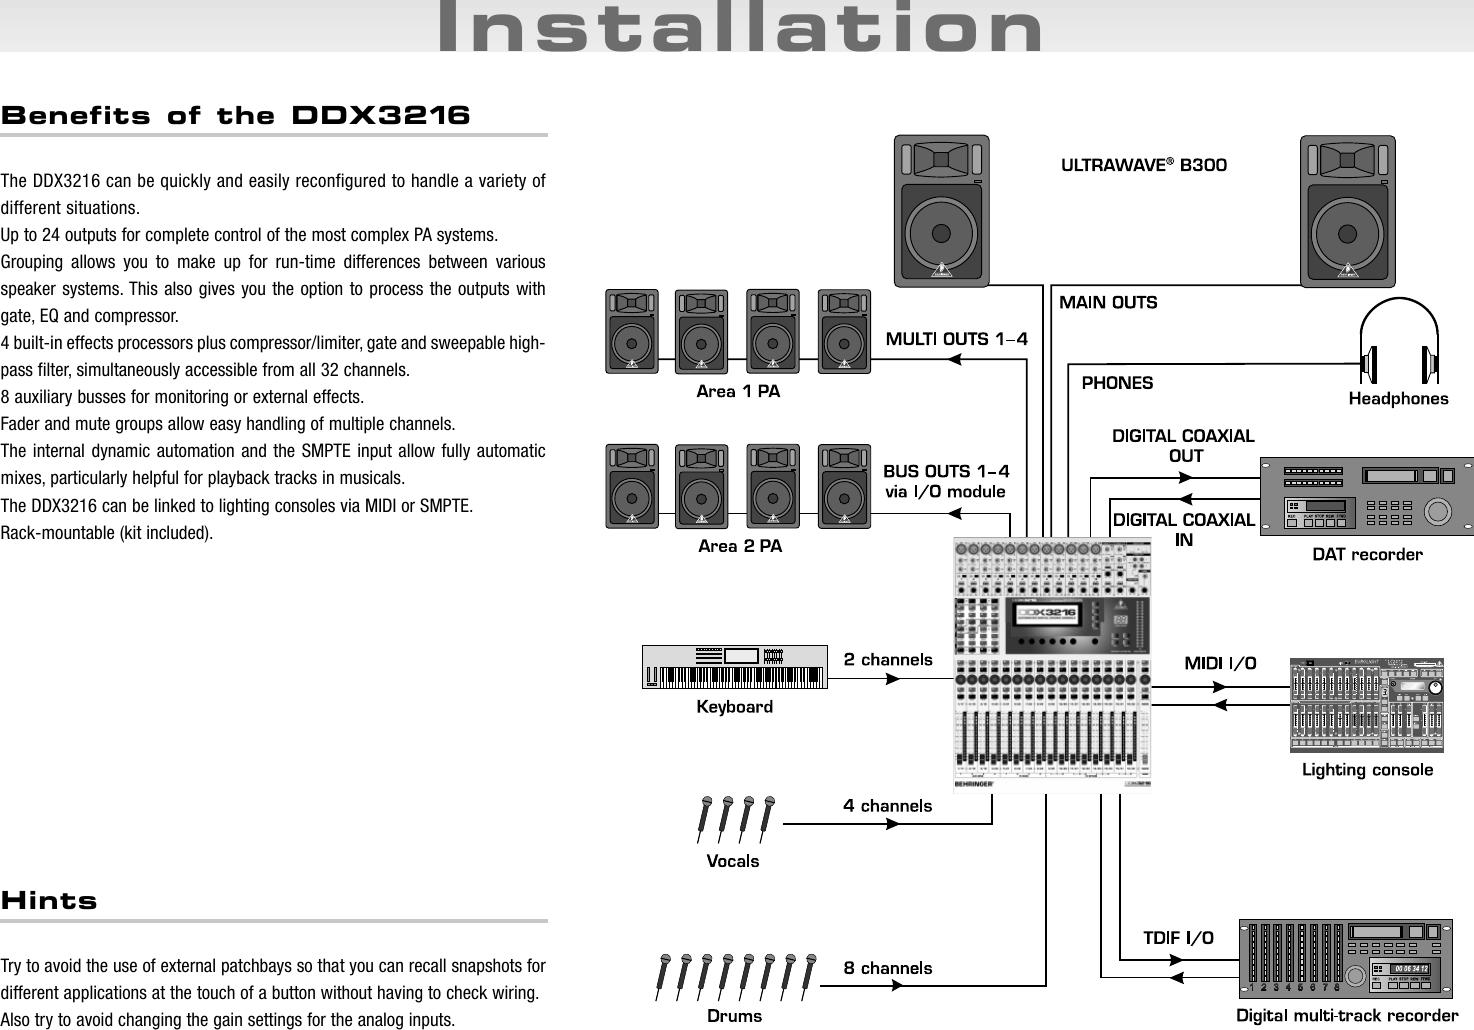 Behringer ddx3216 software